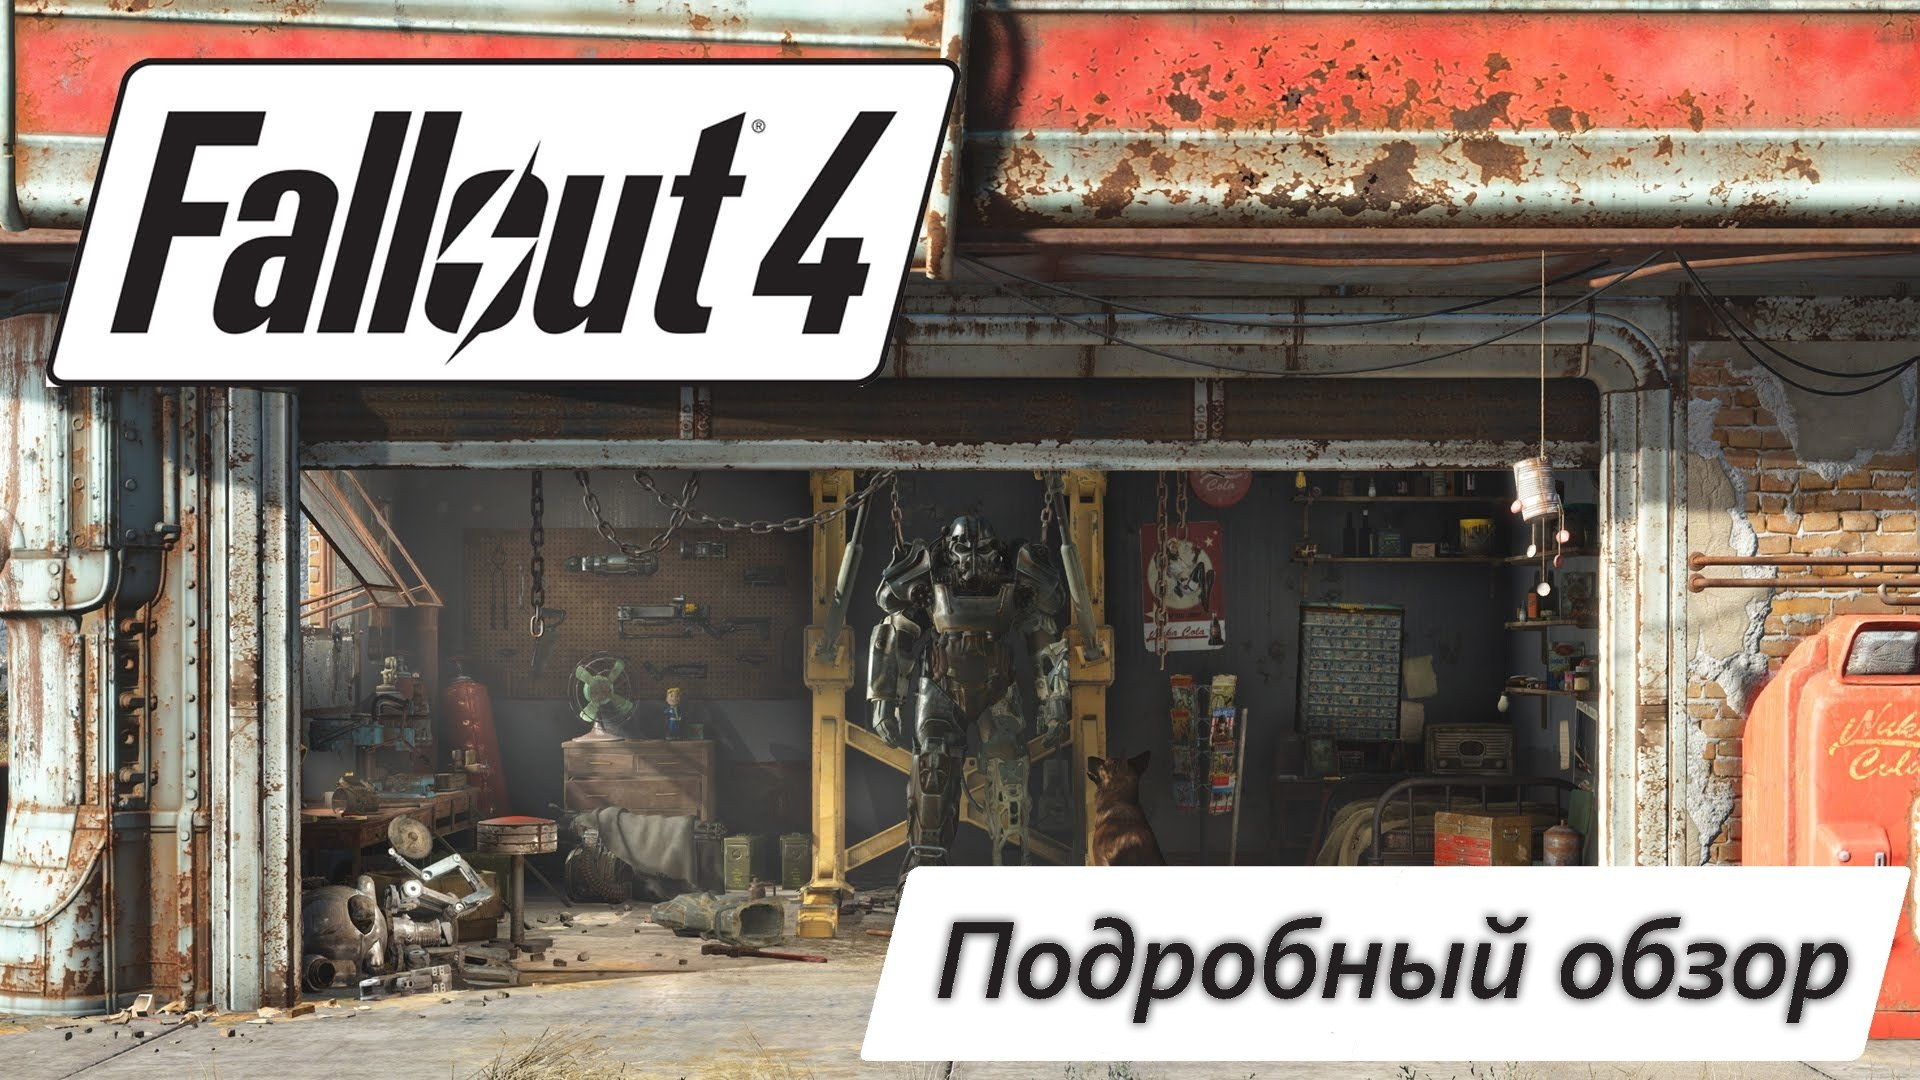 Подробный обзор Fallout 4 - Изображение 1